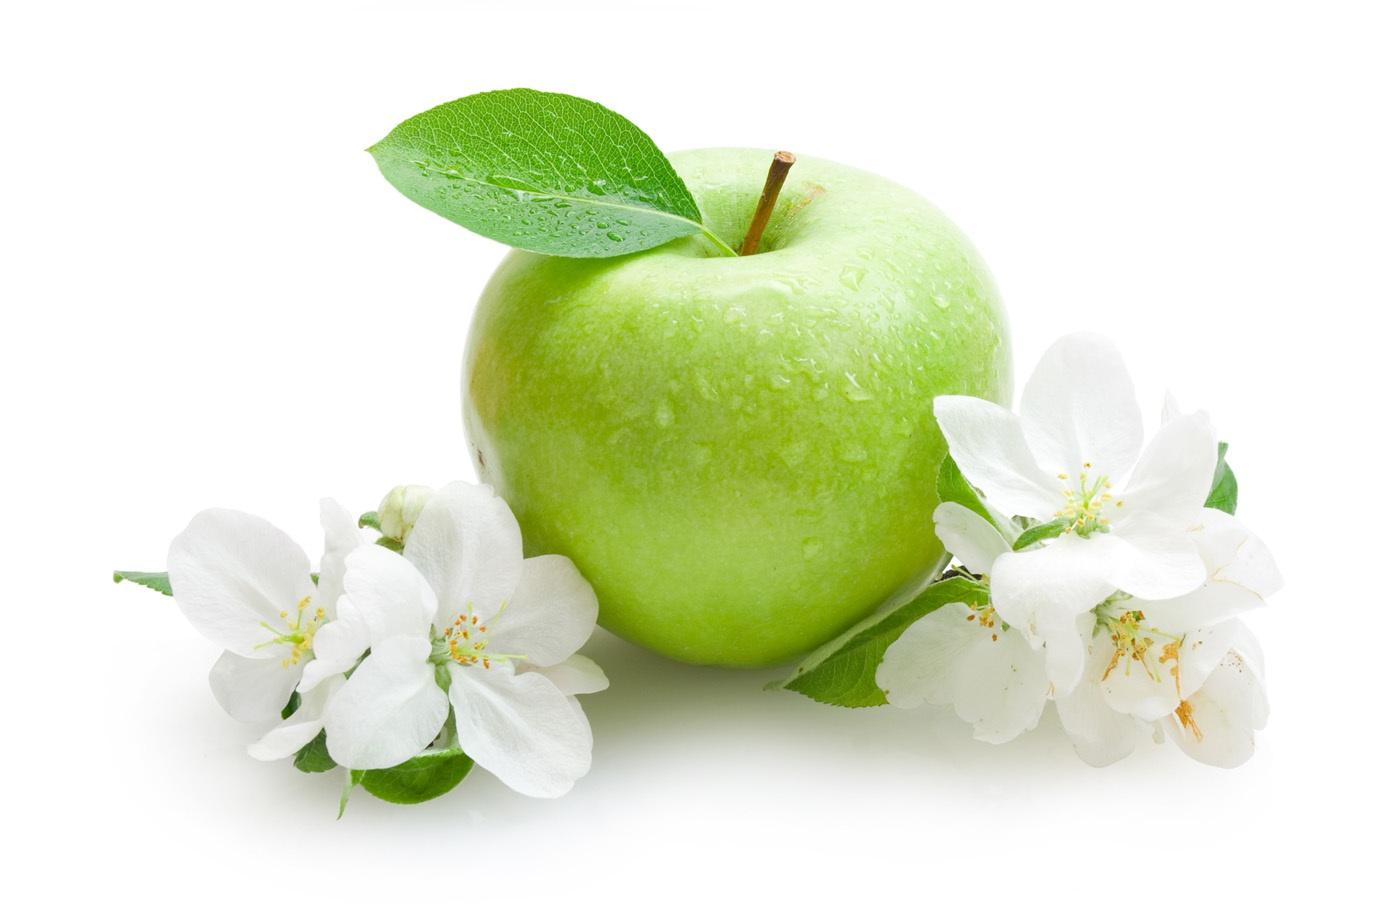 صوره رجيم التفاح الاخضر , اجمل الانظمة الغذائية لتقليل الوزن